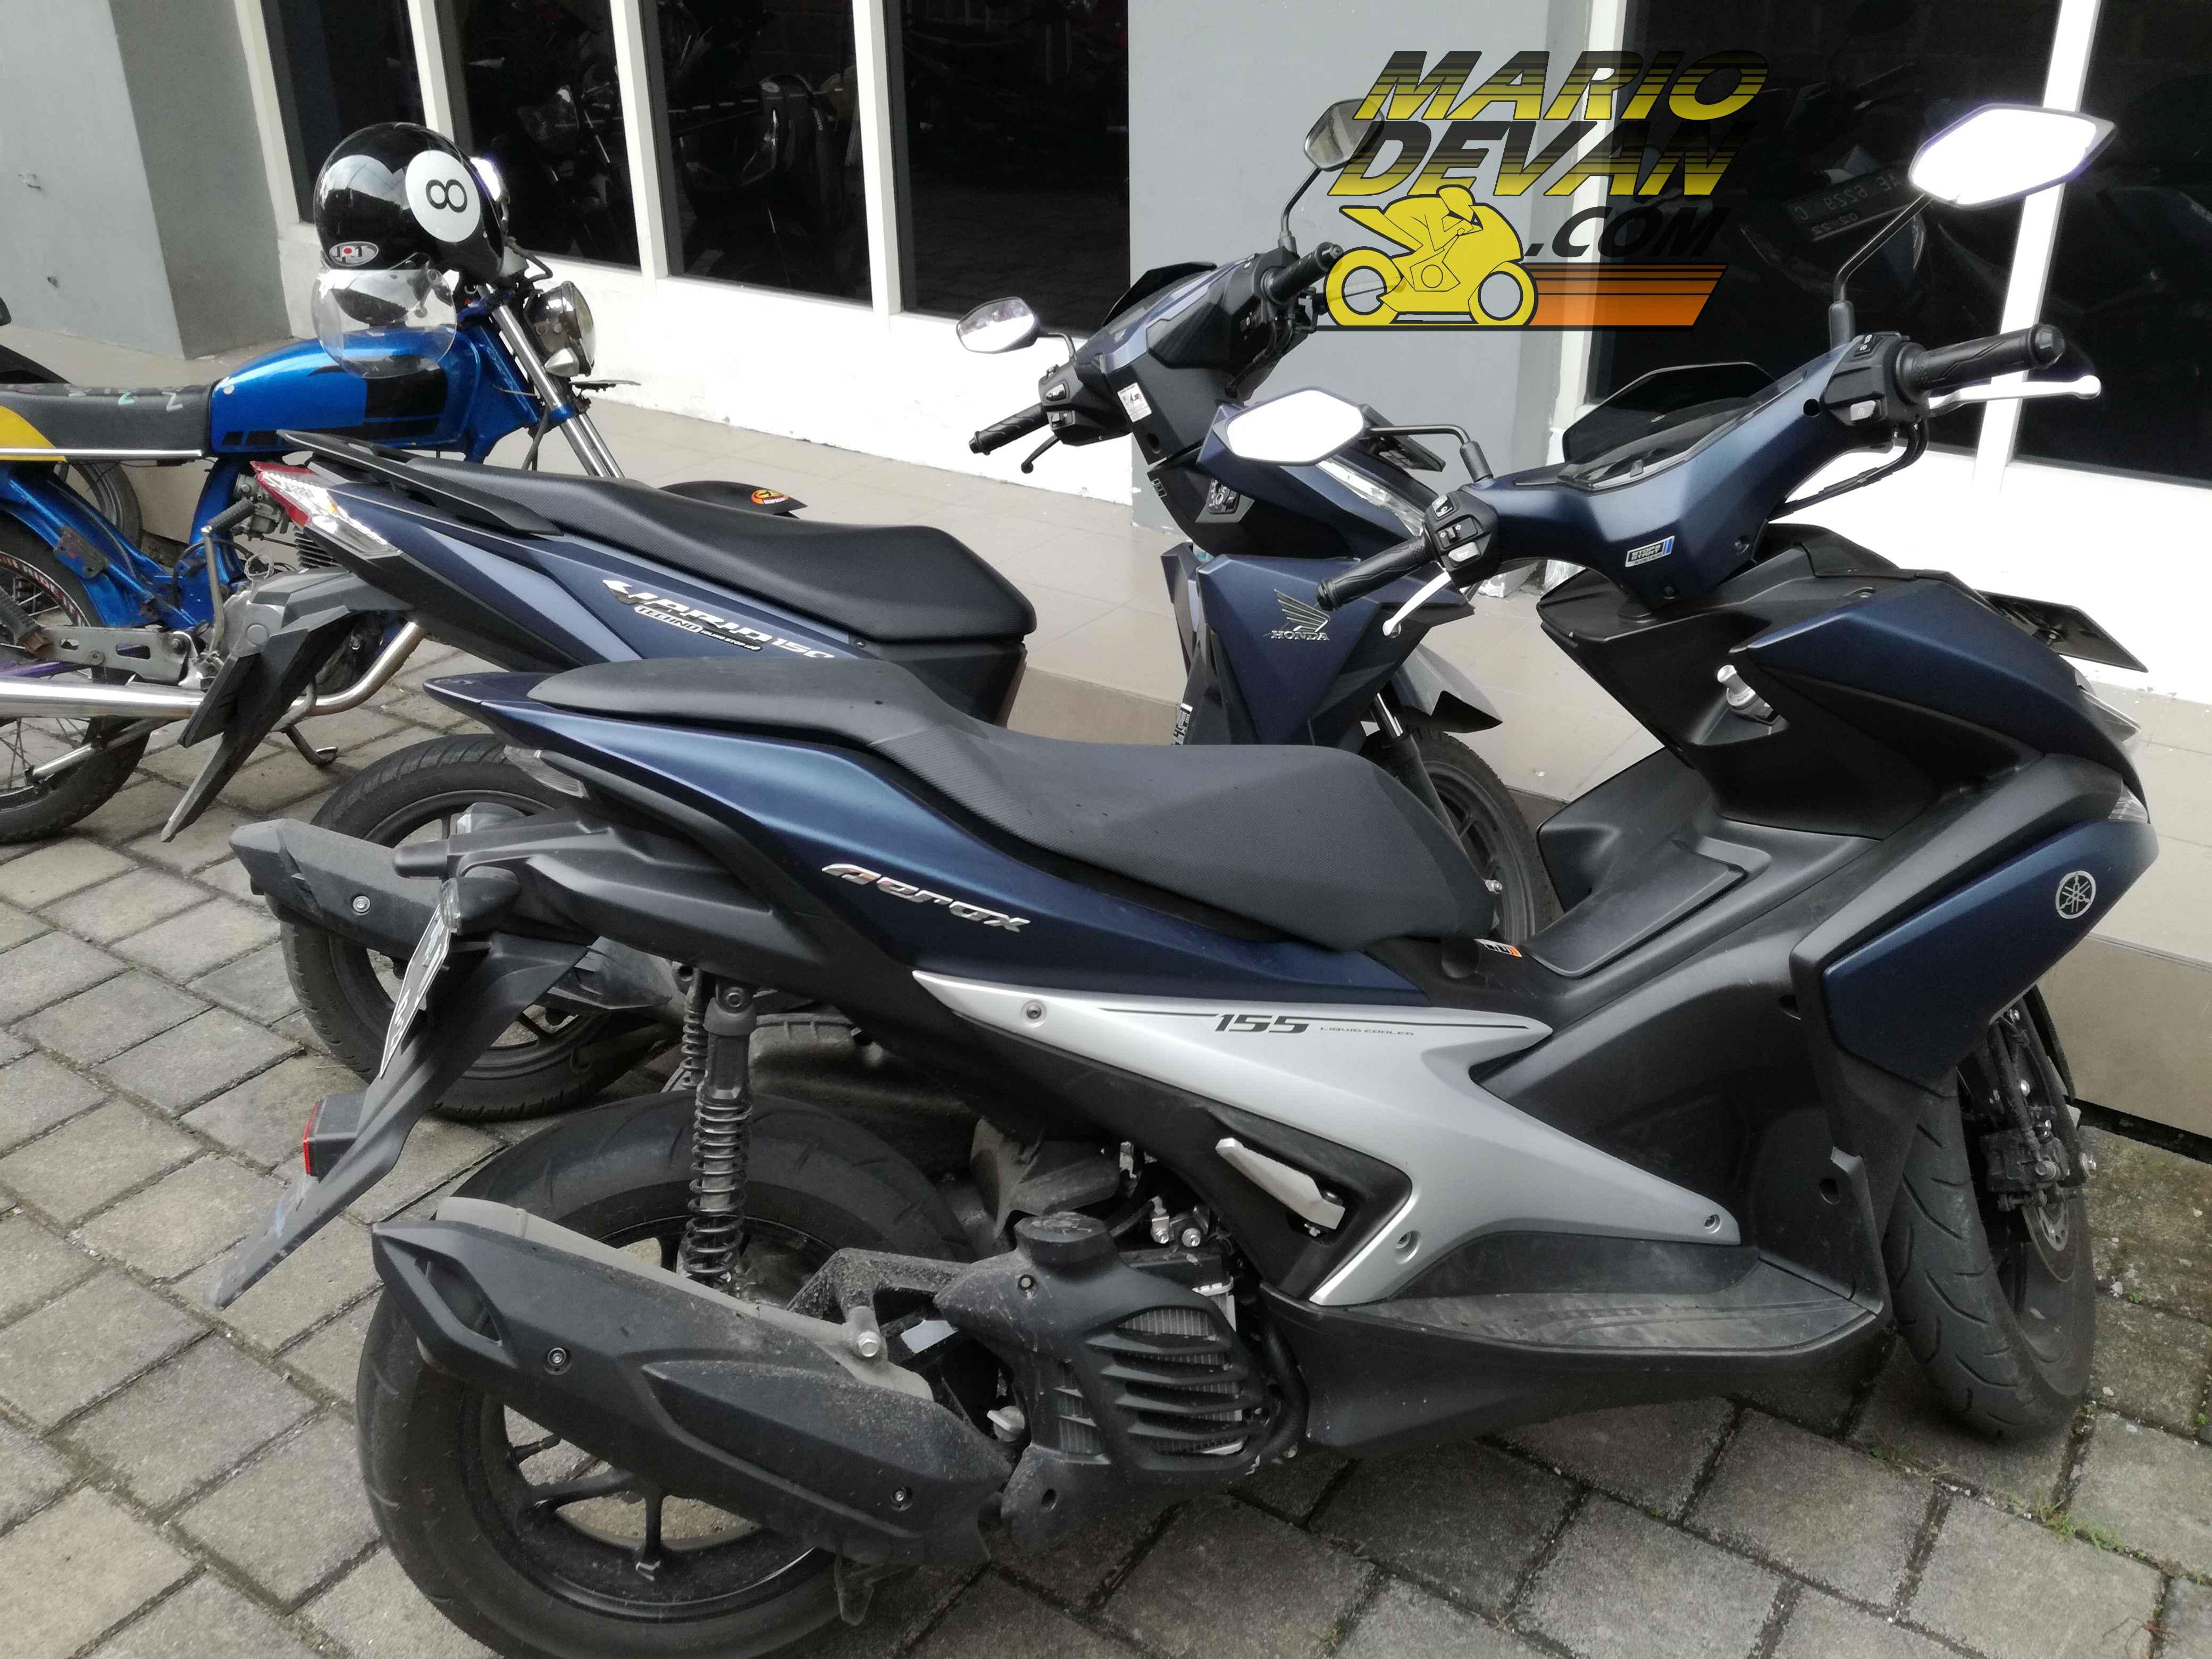 Perbandingan Fisik Yamaha Aerox Dan Honda Vario 150cc Vs 155cc Yang